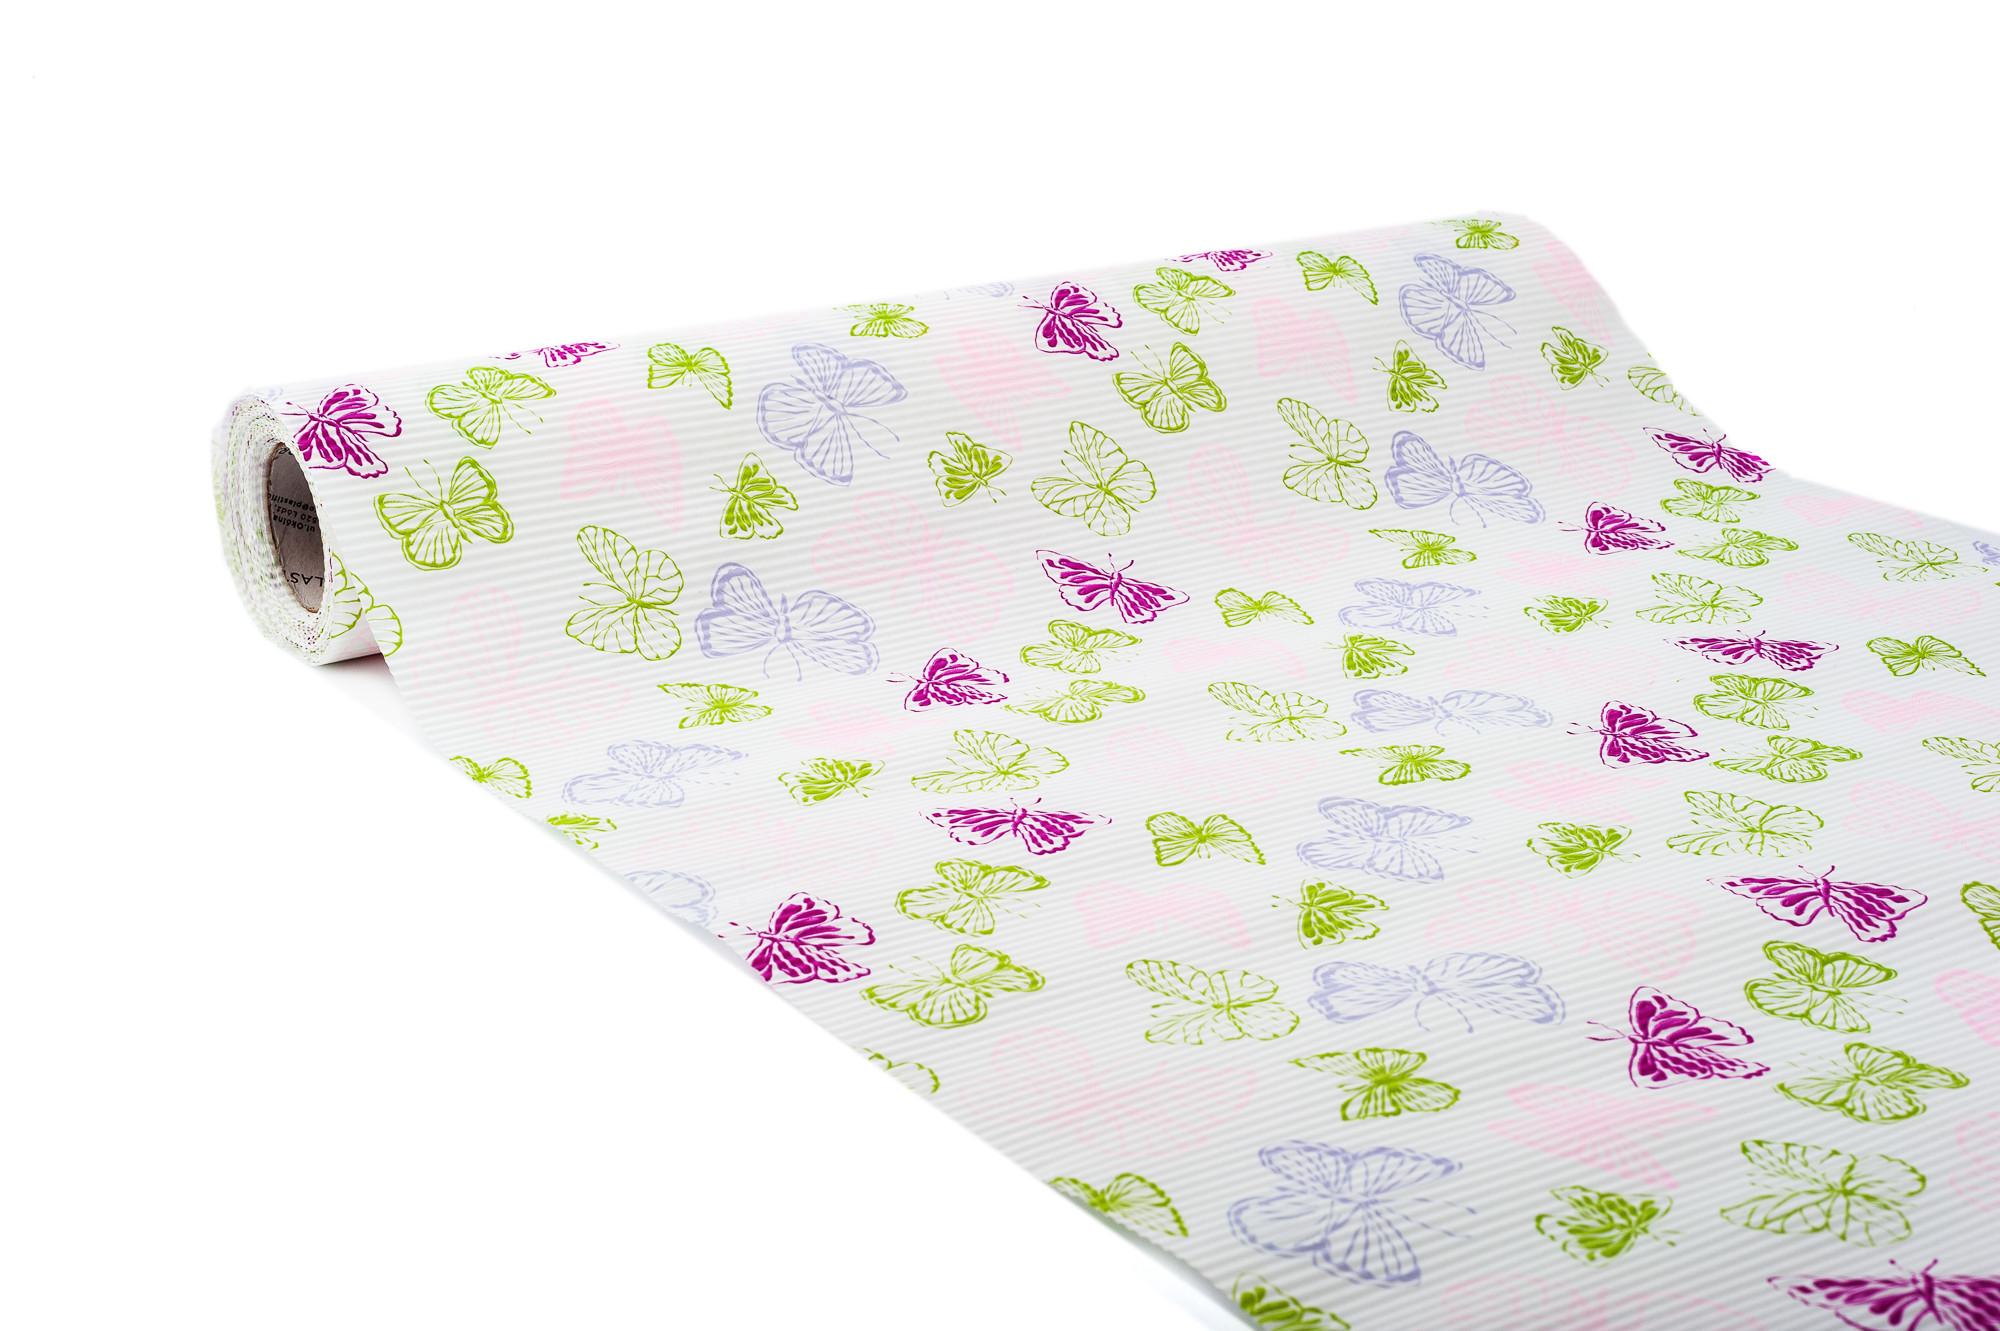 Papír - Motýl, 50 cm - růžová